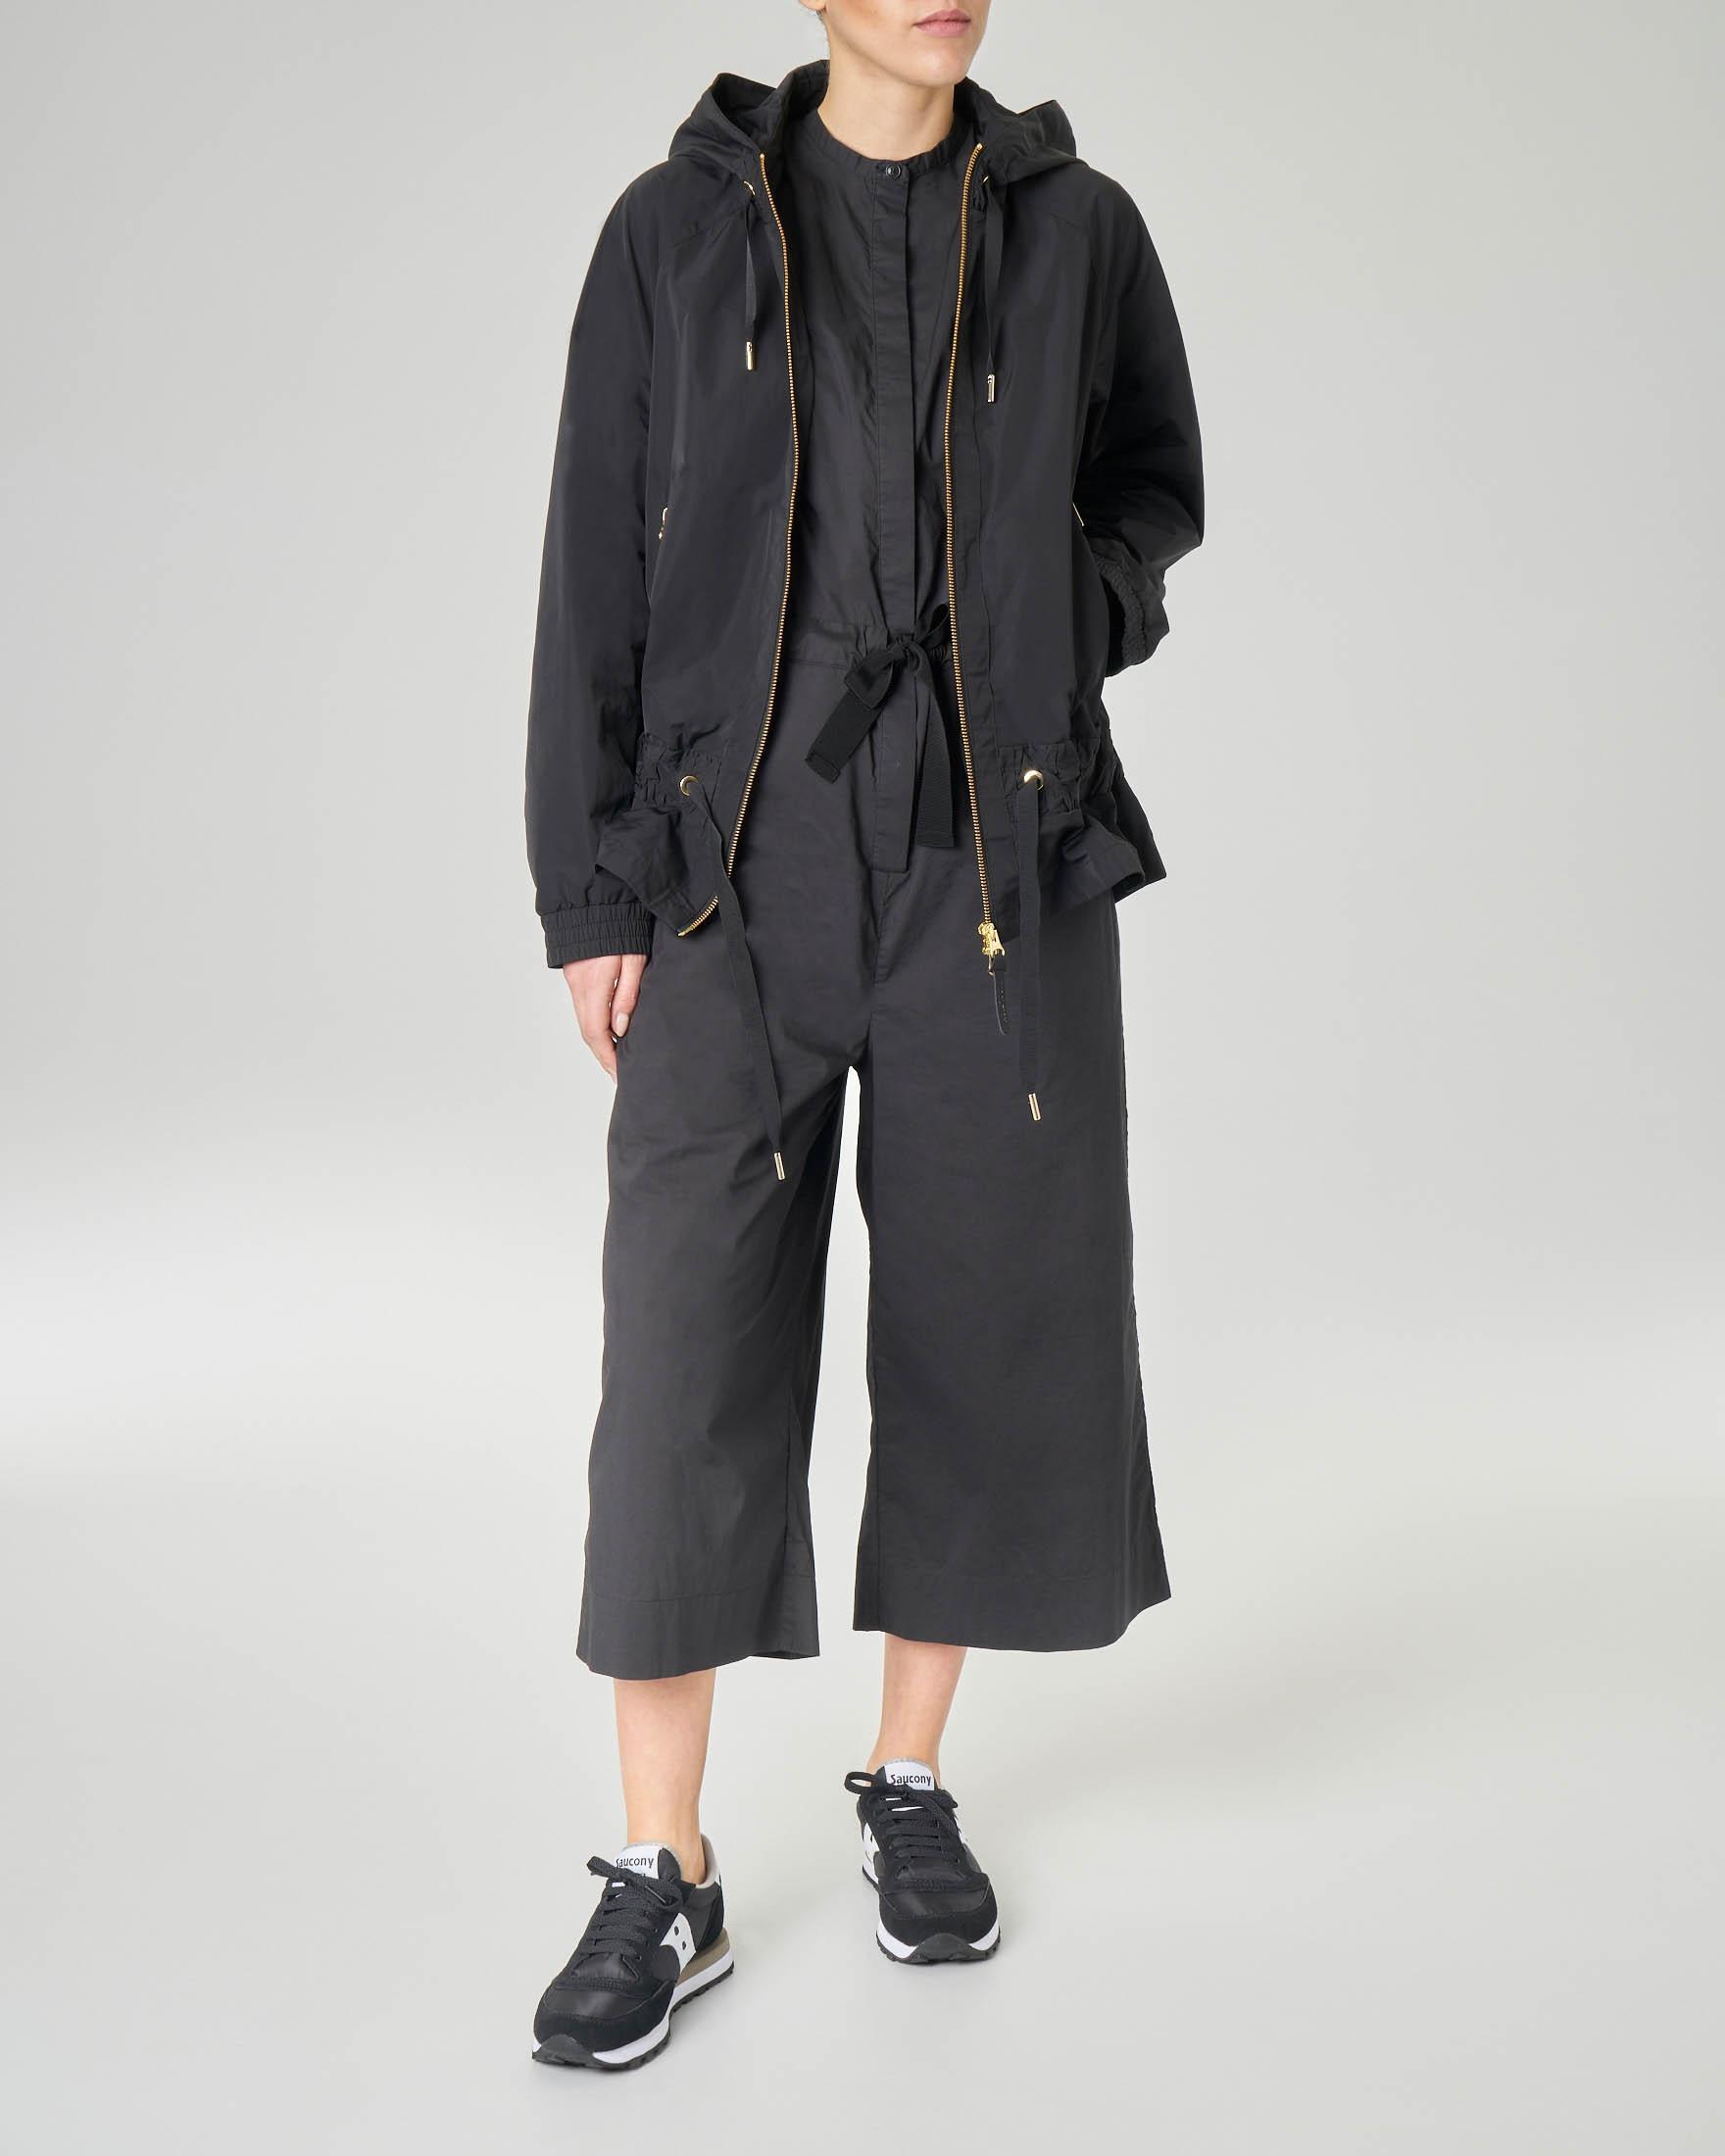 Giubbino corto nero impermeabile con cappuccio fisso